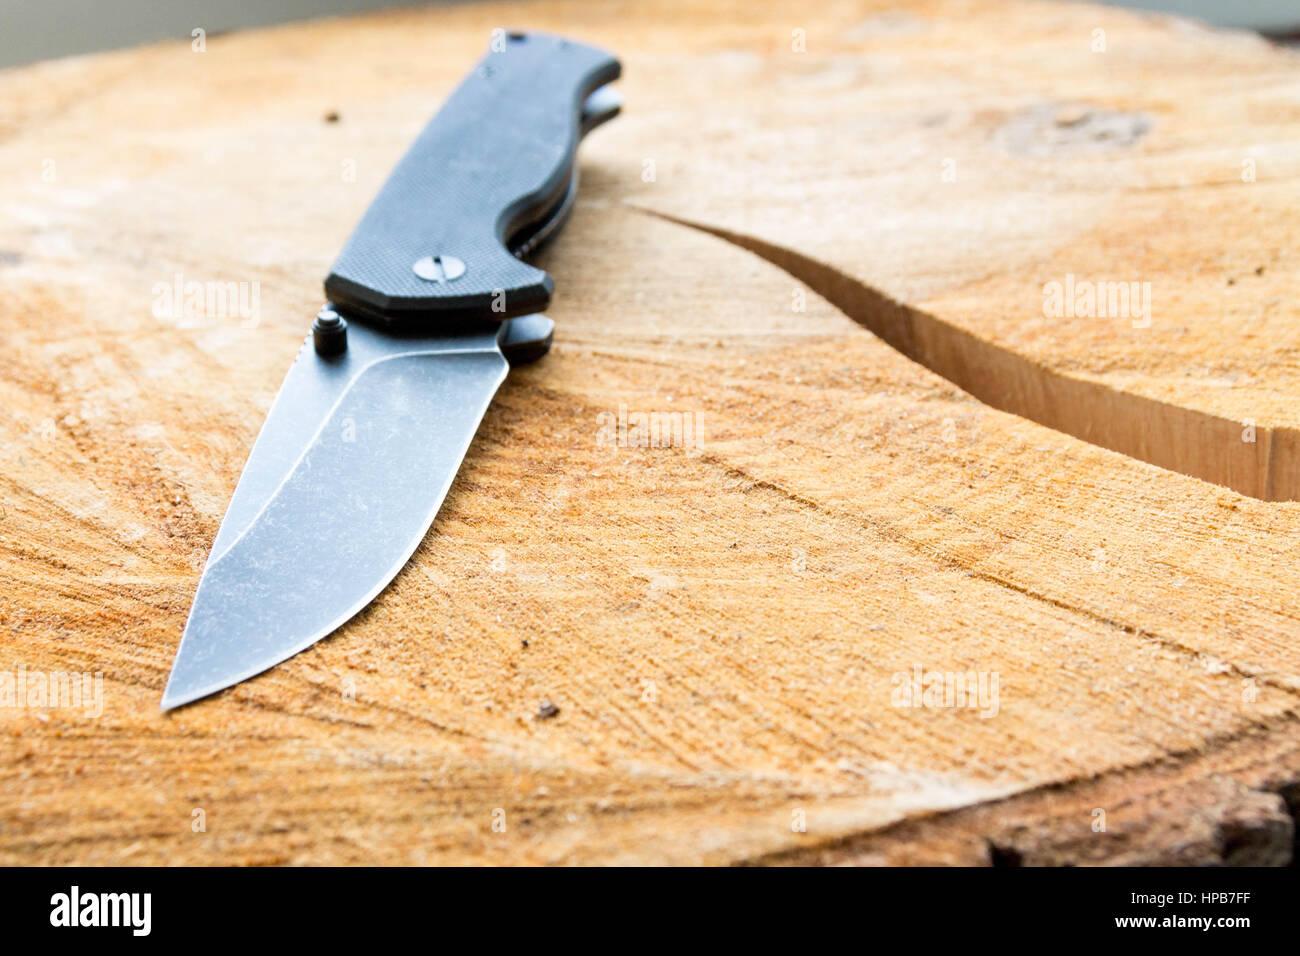 Un coltello per uso quotidiano. Coltello da tasca. Immagini Stock